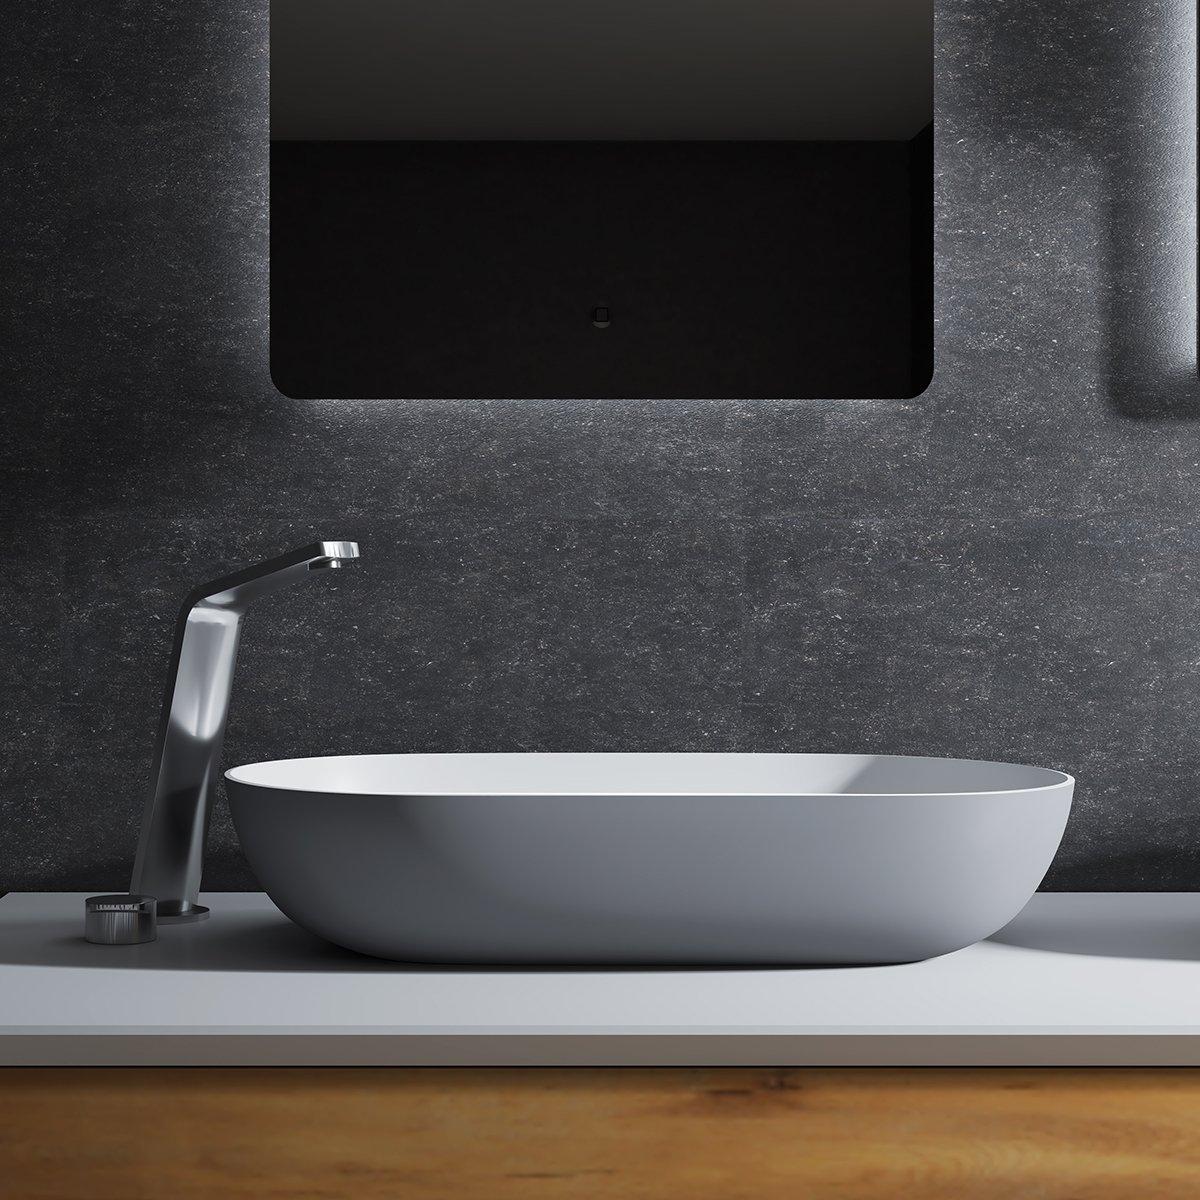 Aufsatzwaschbecken O-540 aus Mineralguss - Grau/Weiß - 54 x 34 x 12 cm